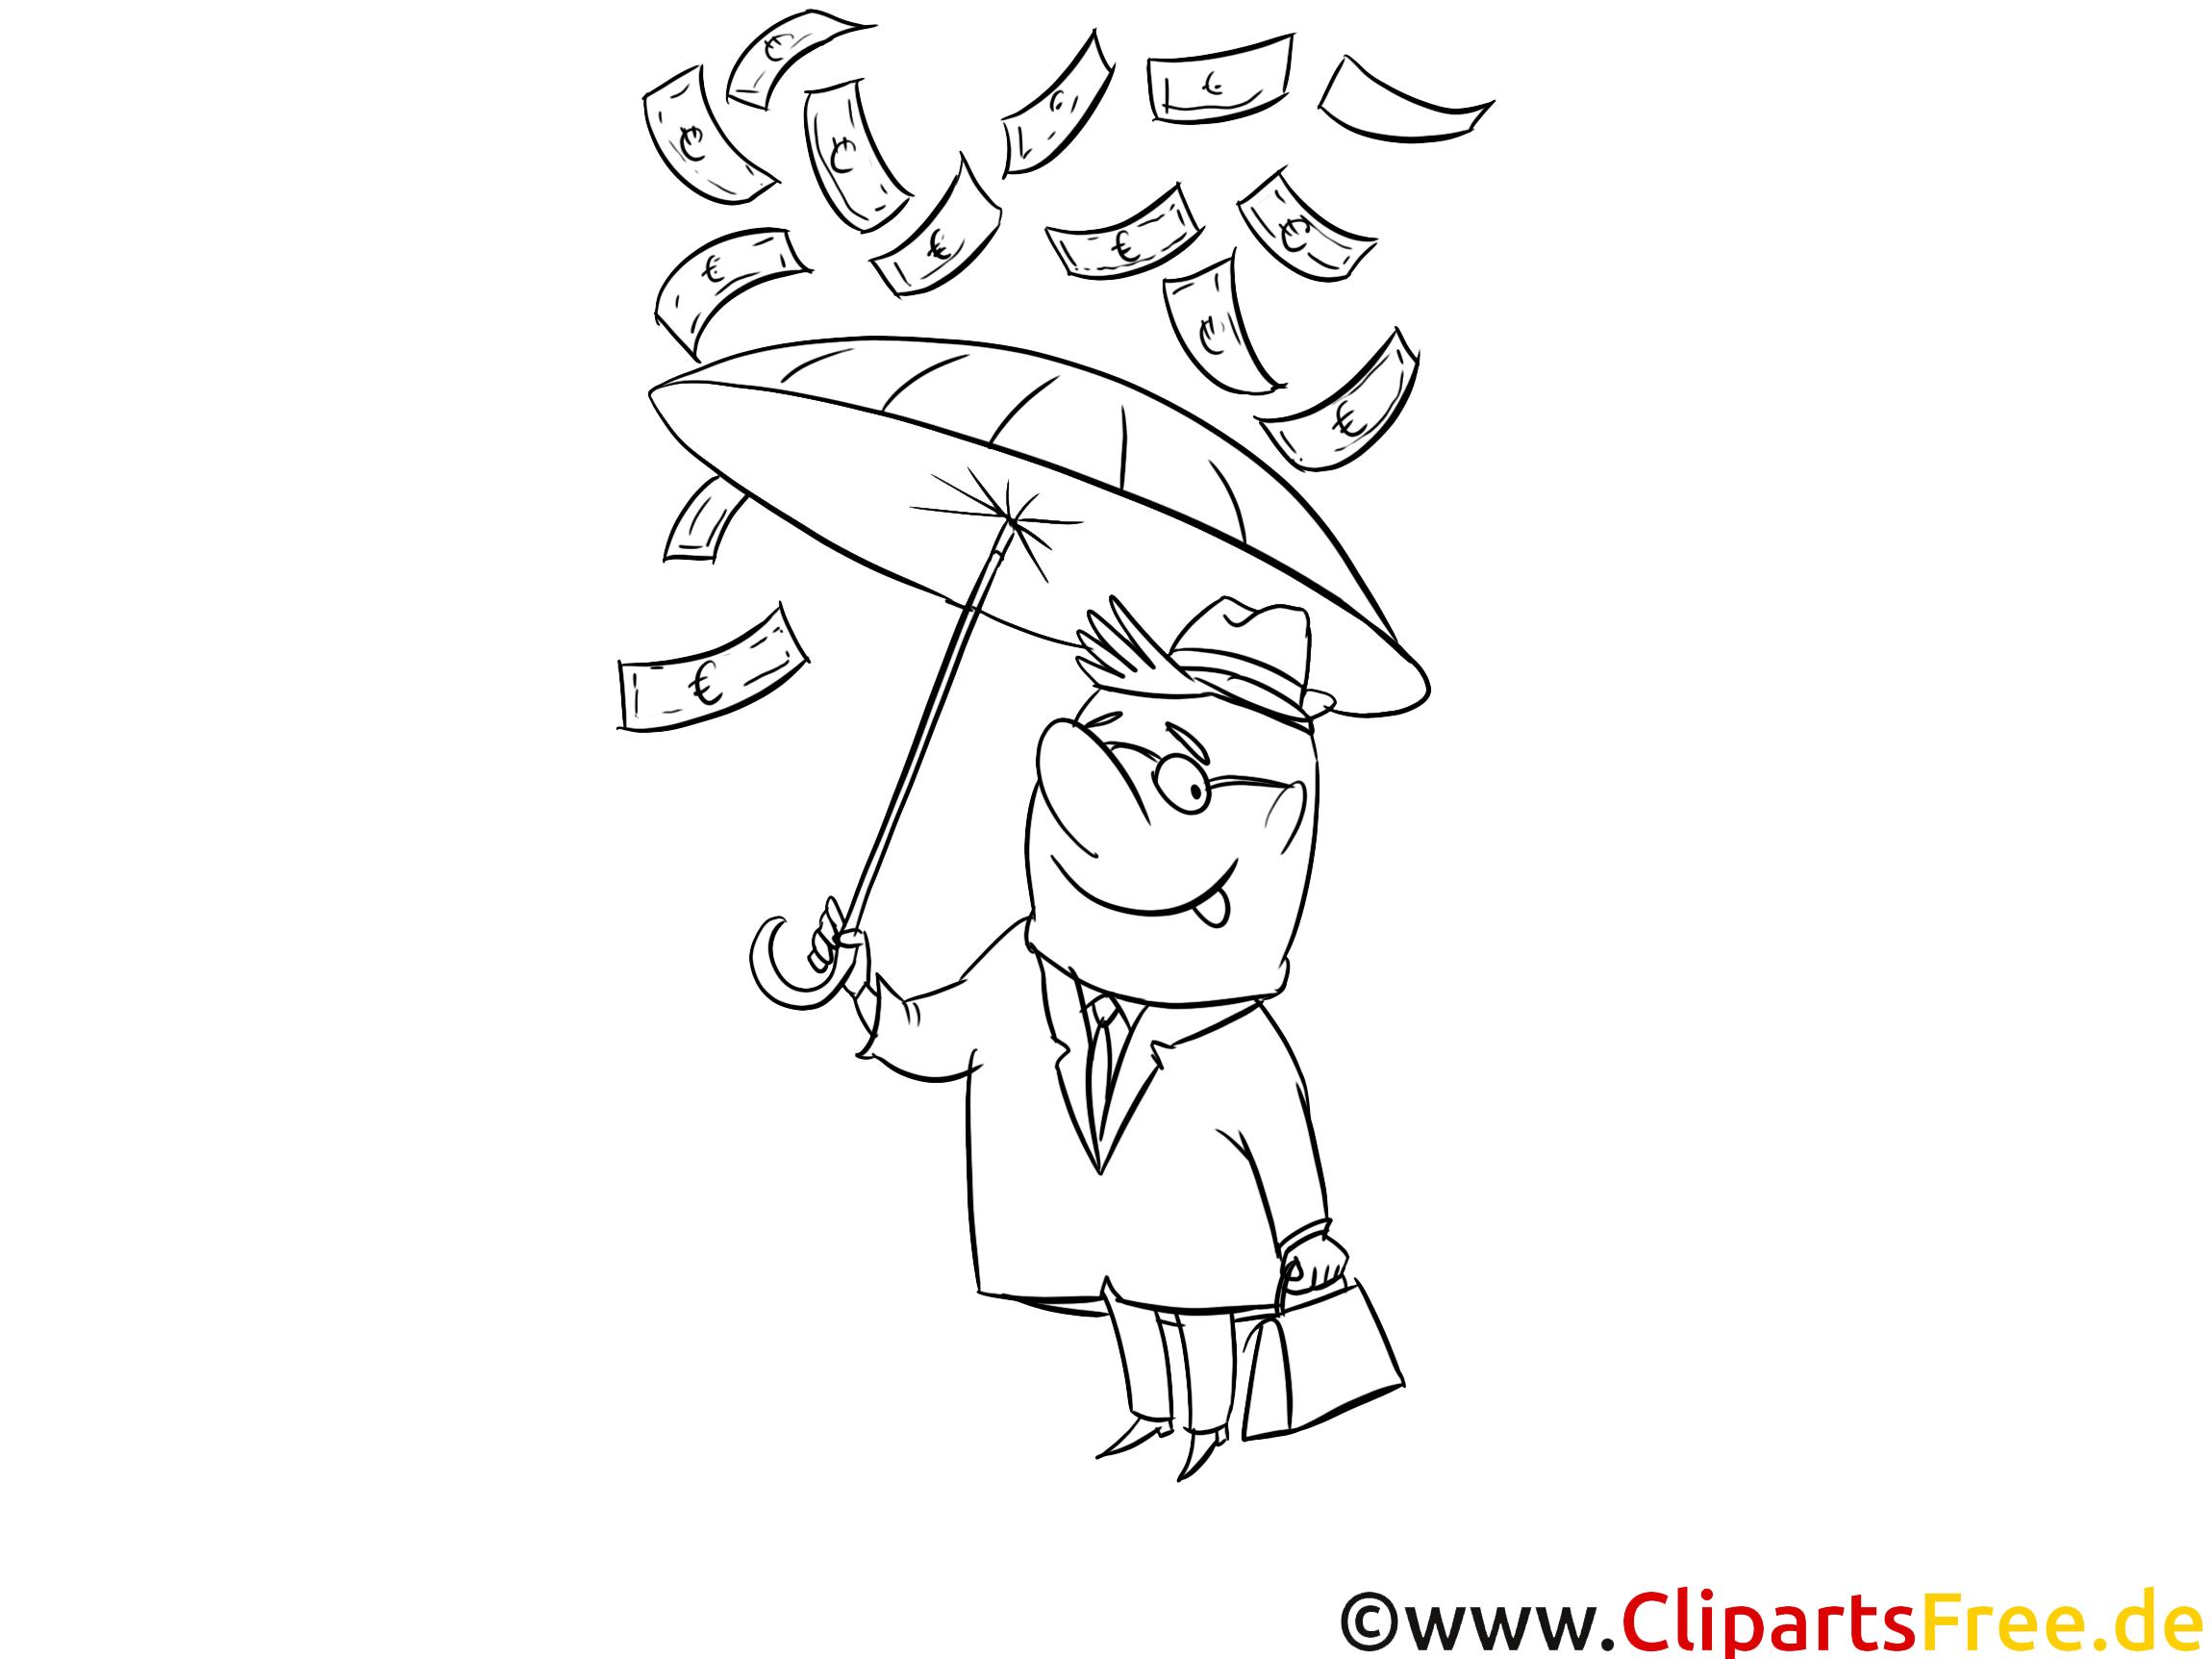 geld bilder zum ausdrucken  spielgeld zum ausdrucken